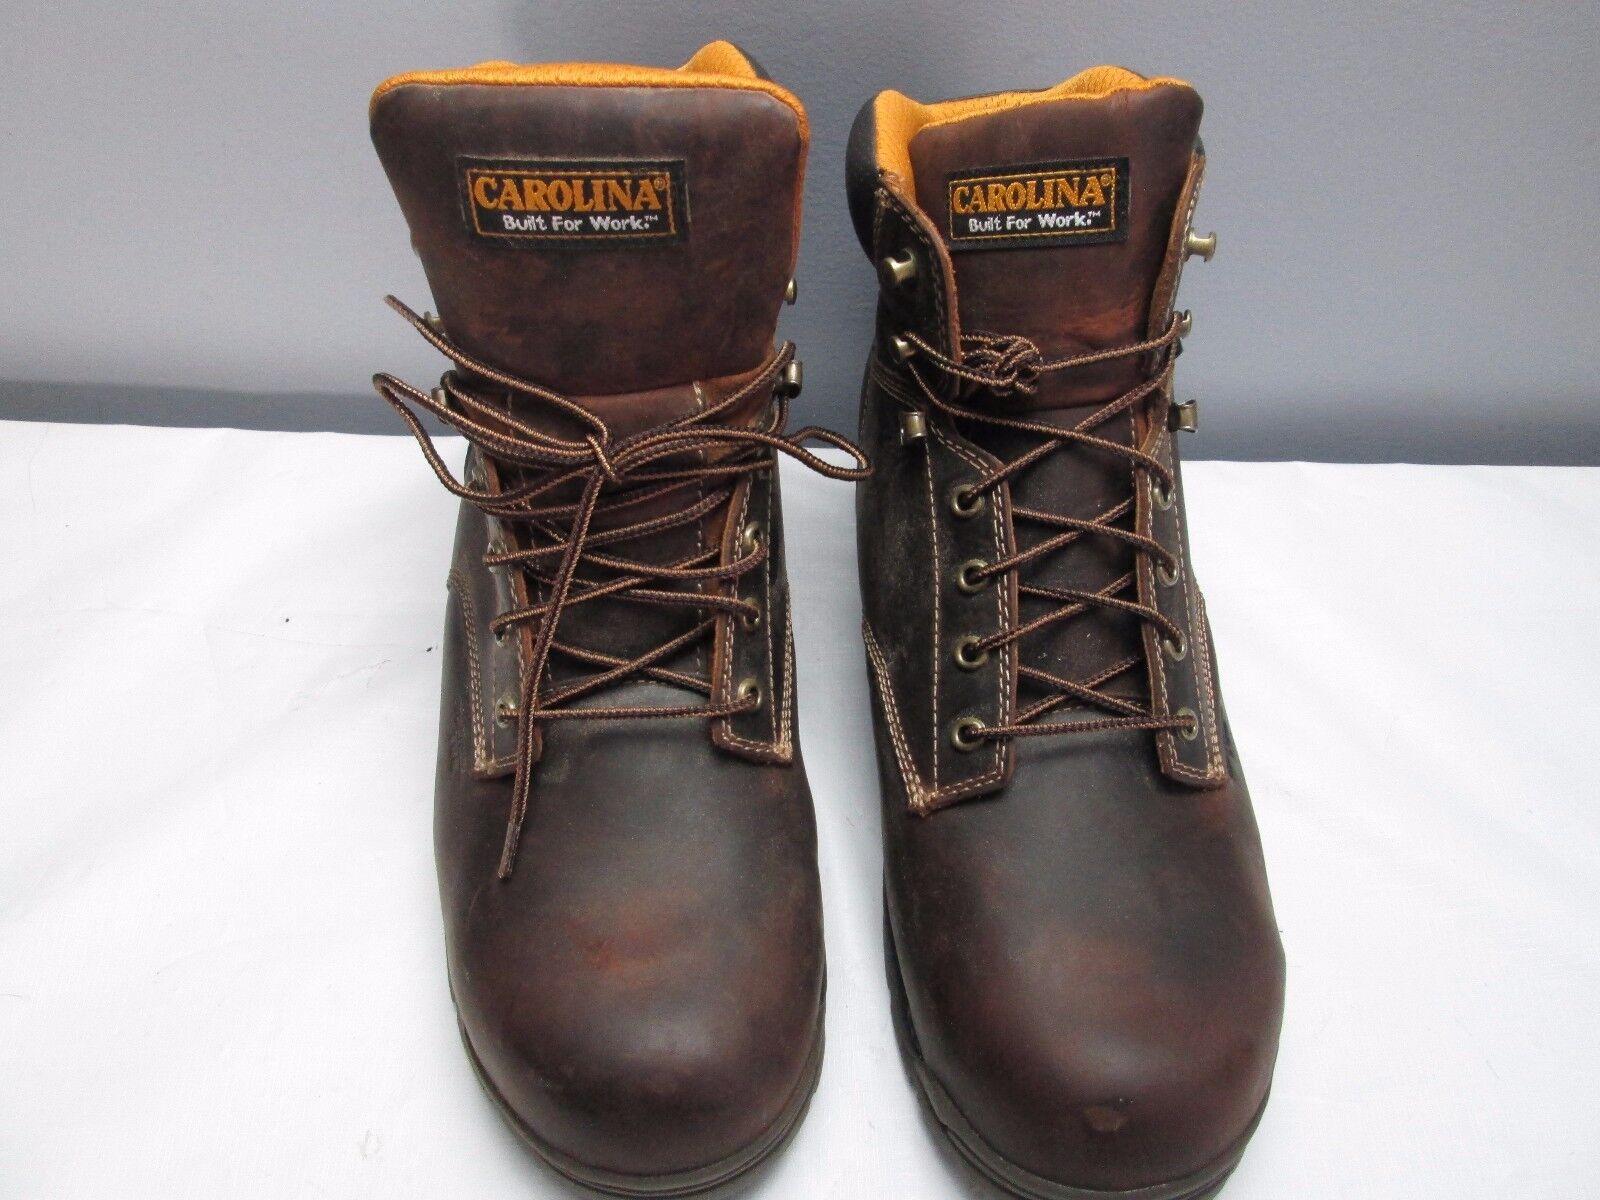 US Mens Größe 15 Leather Stiefel Waterproof Oil & Slip Resisting Carolina